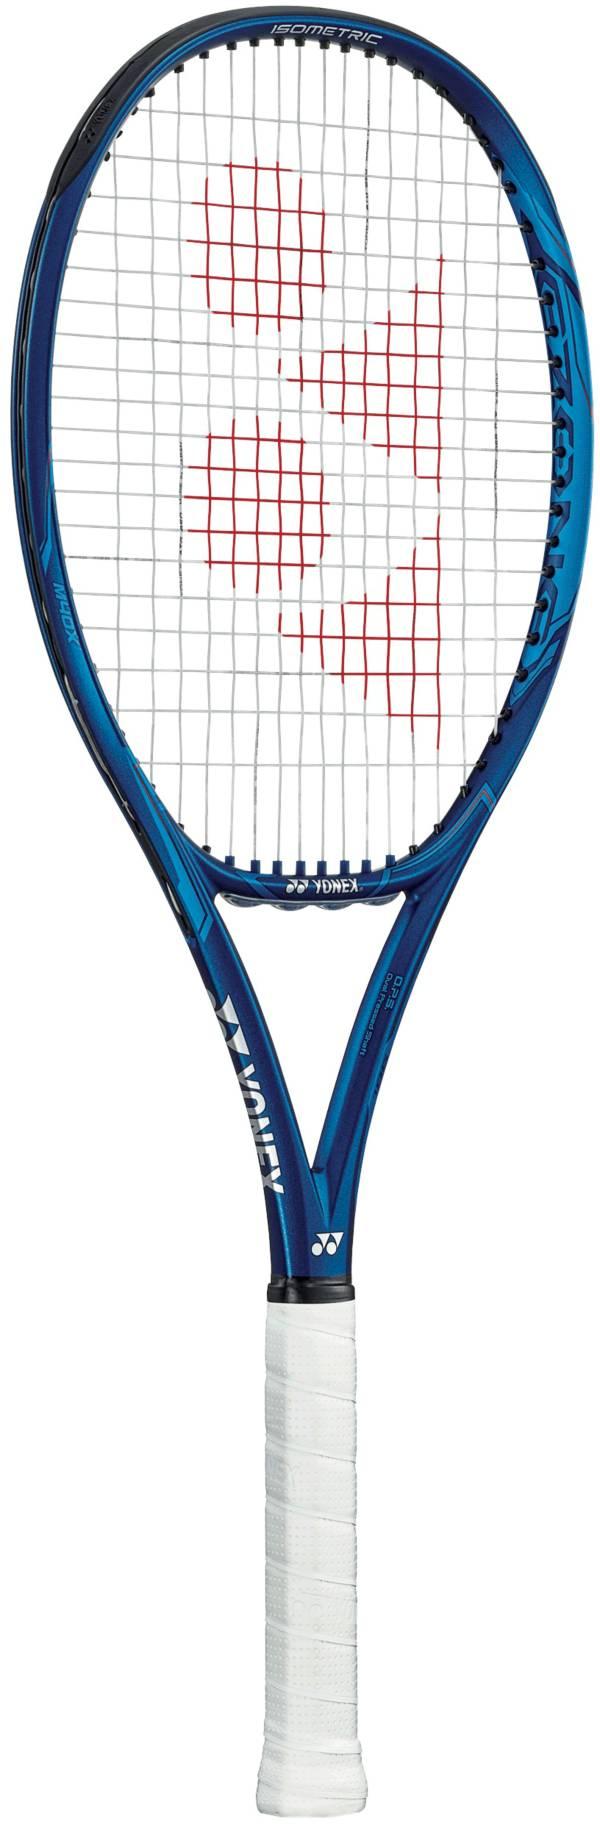 Yonex Ezone 98L Tennis Racquet product image